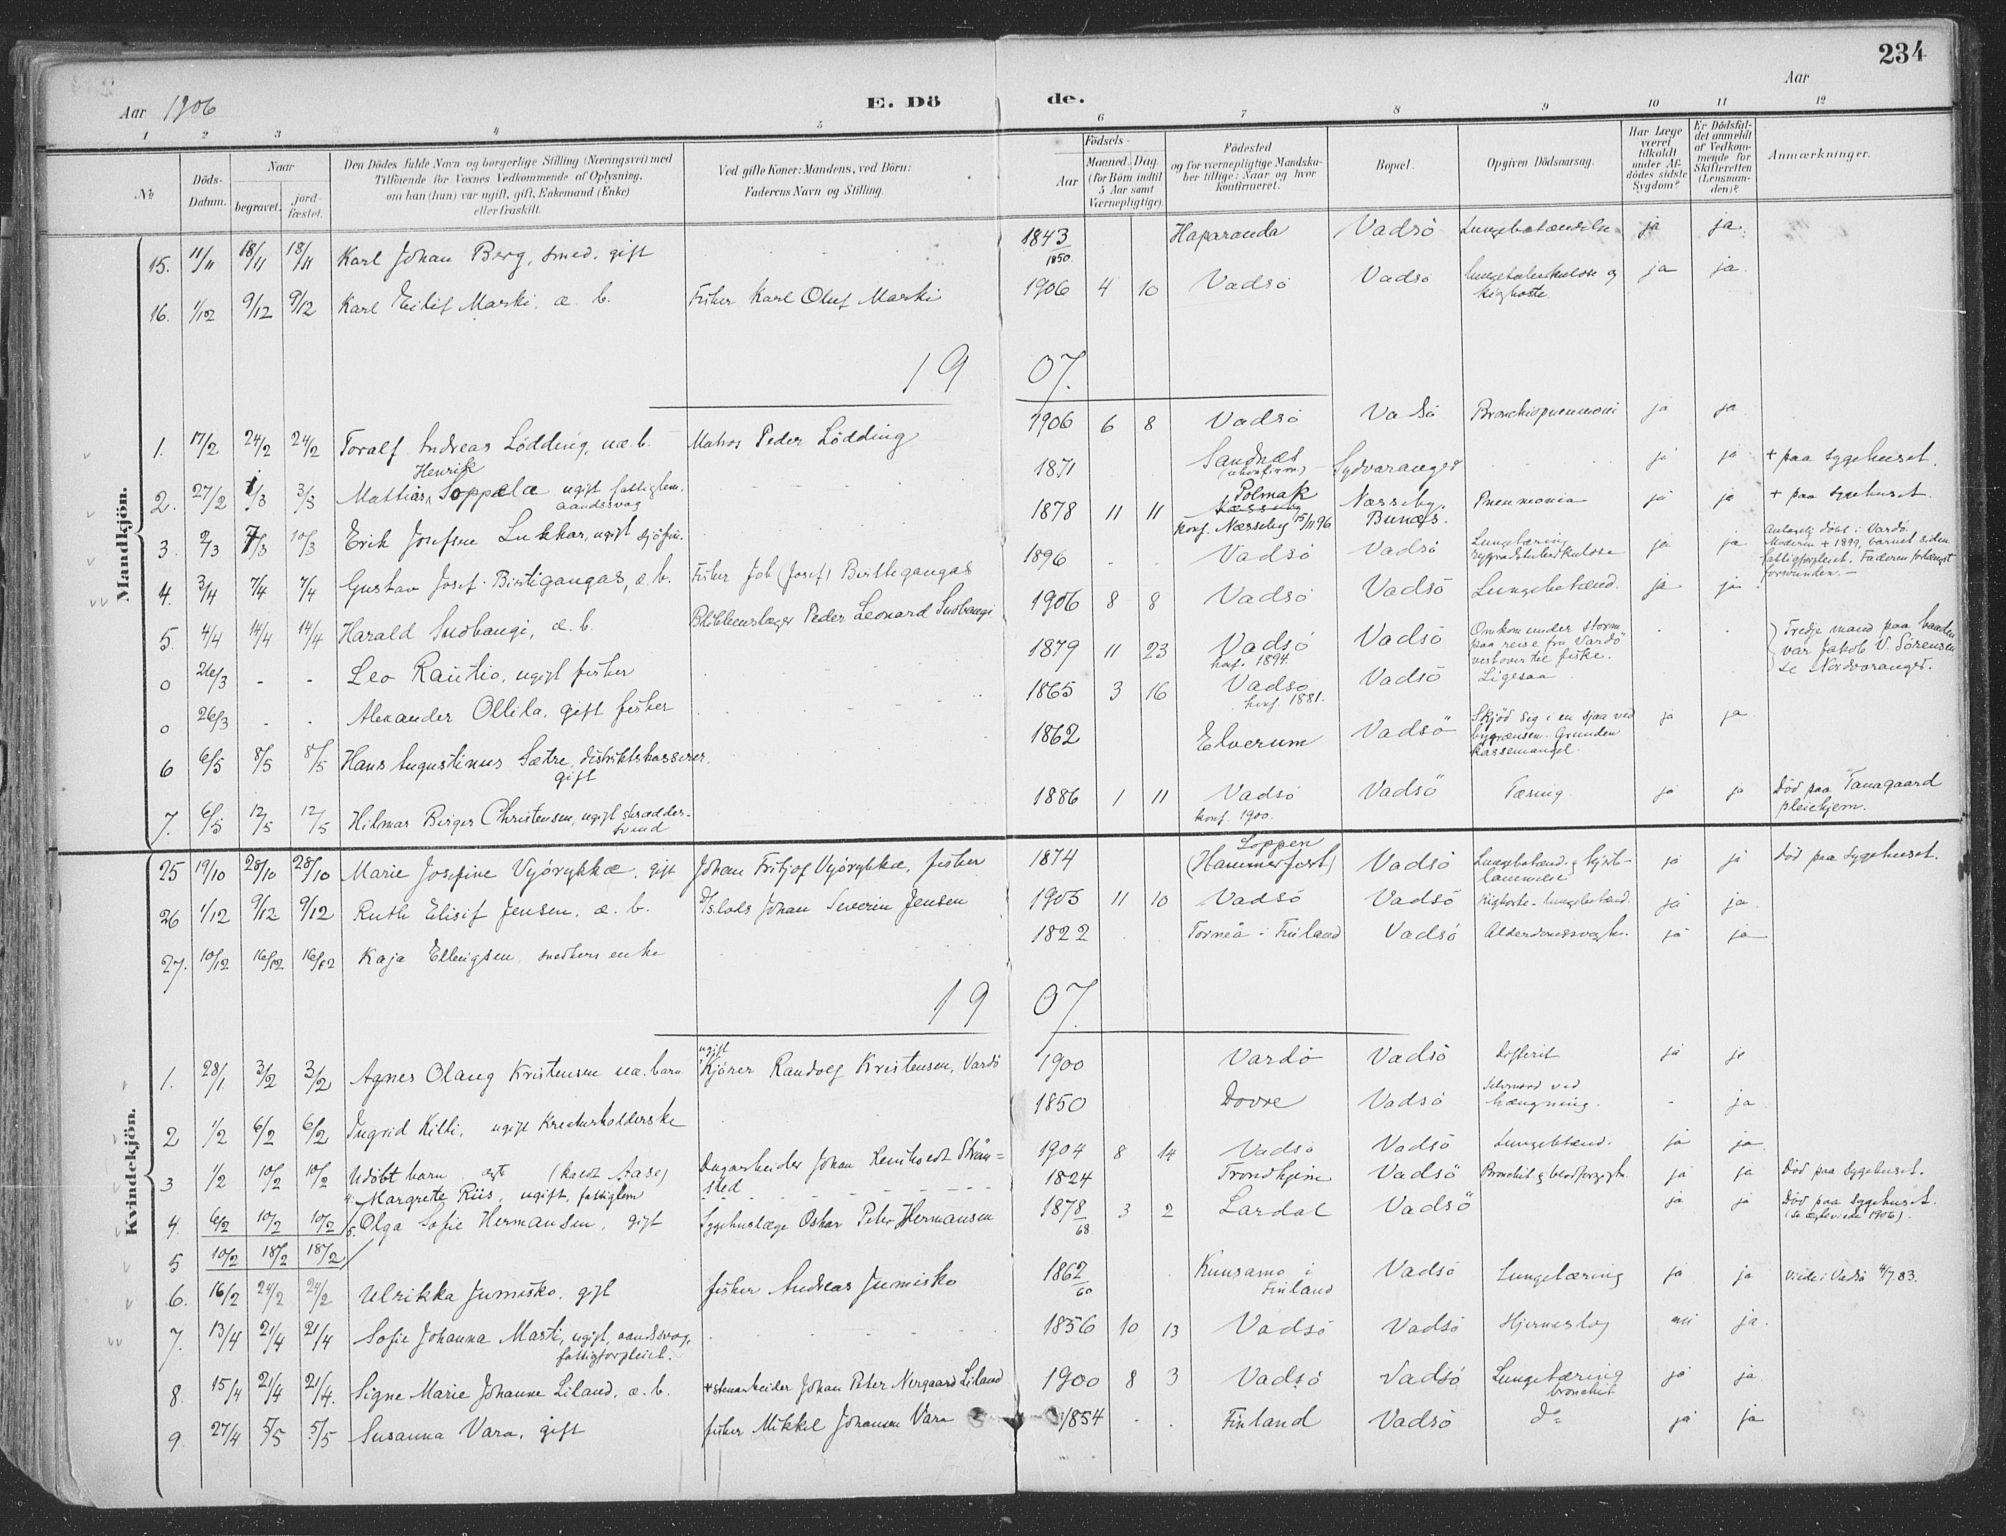 SATØ, Vadsø sokneprestkontor, H/Ha/L0007kirke: Ministerialbok nr. 7, 1896-1916, s. 234